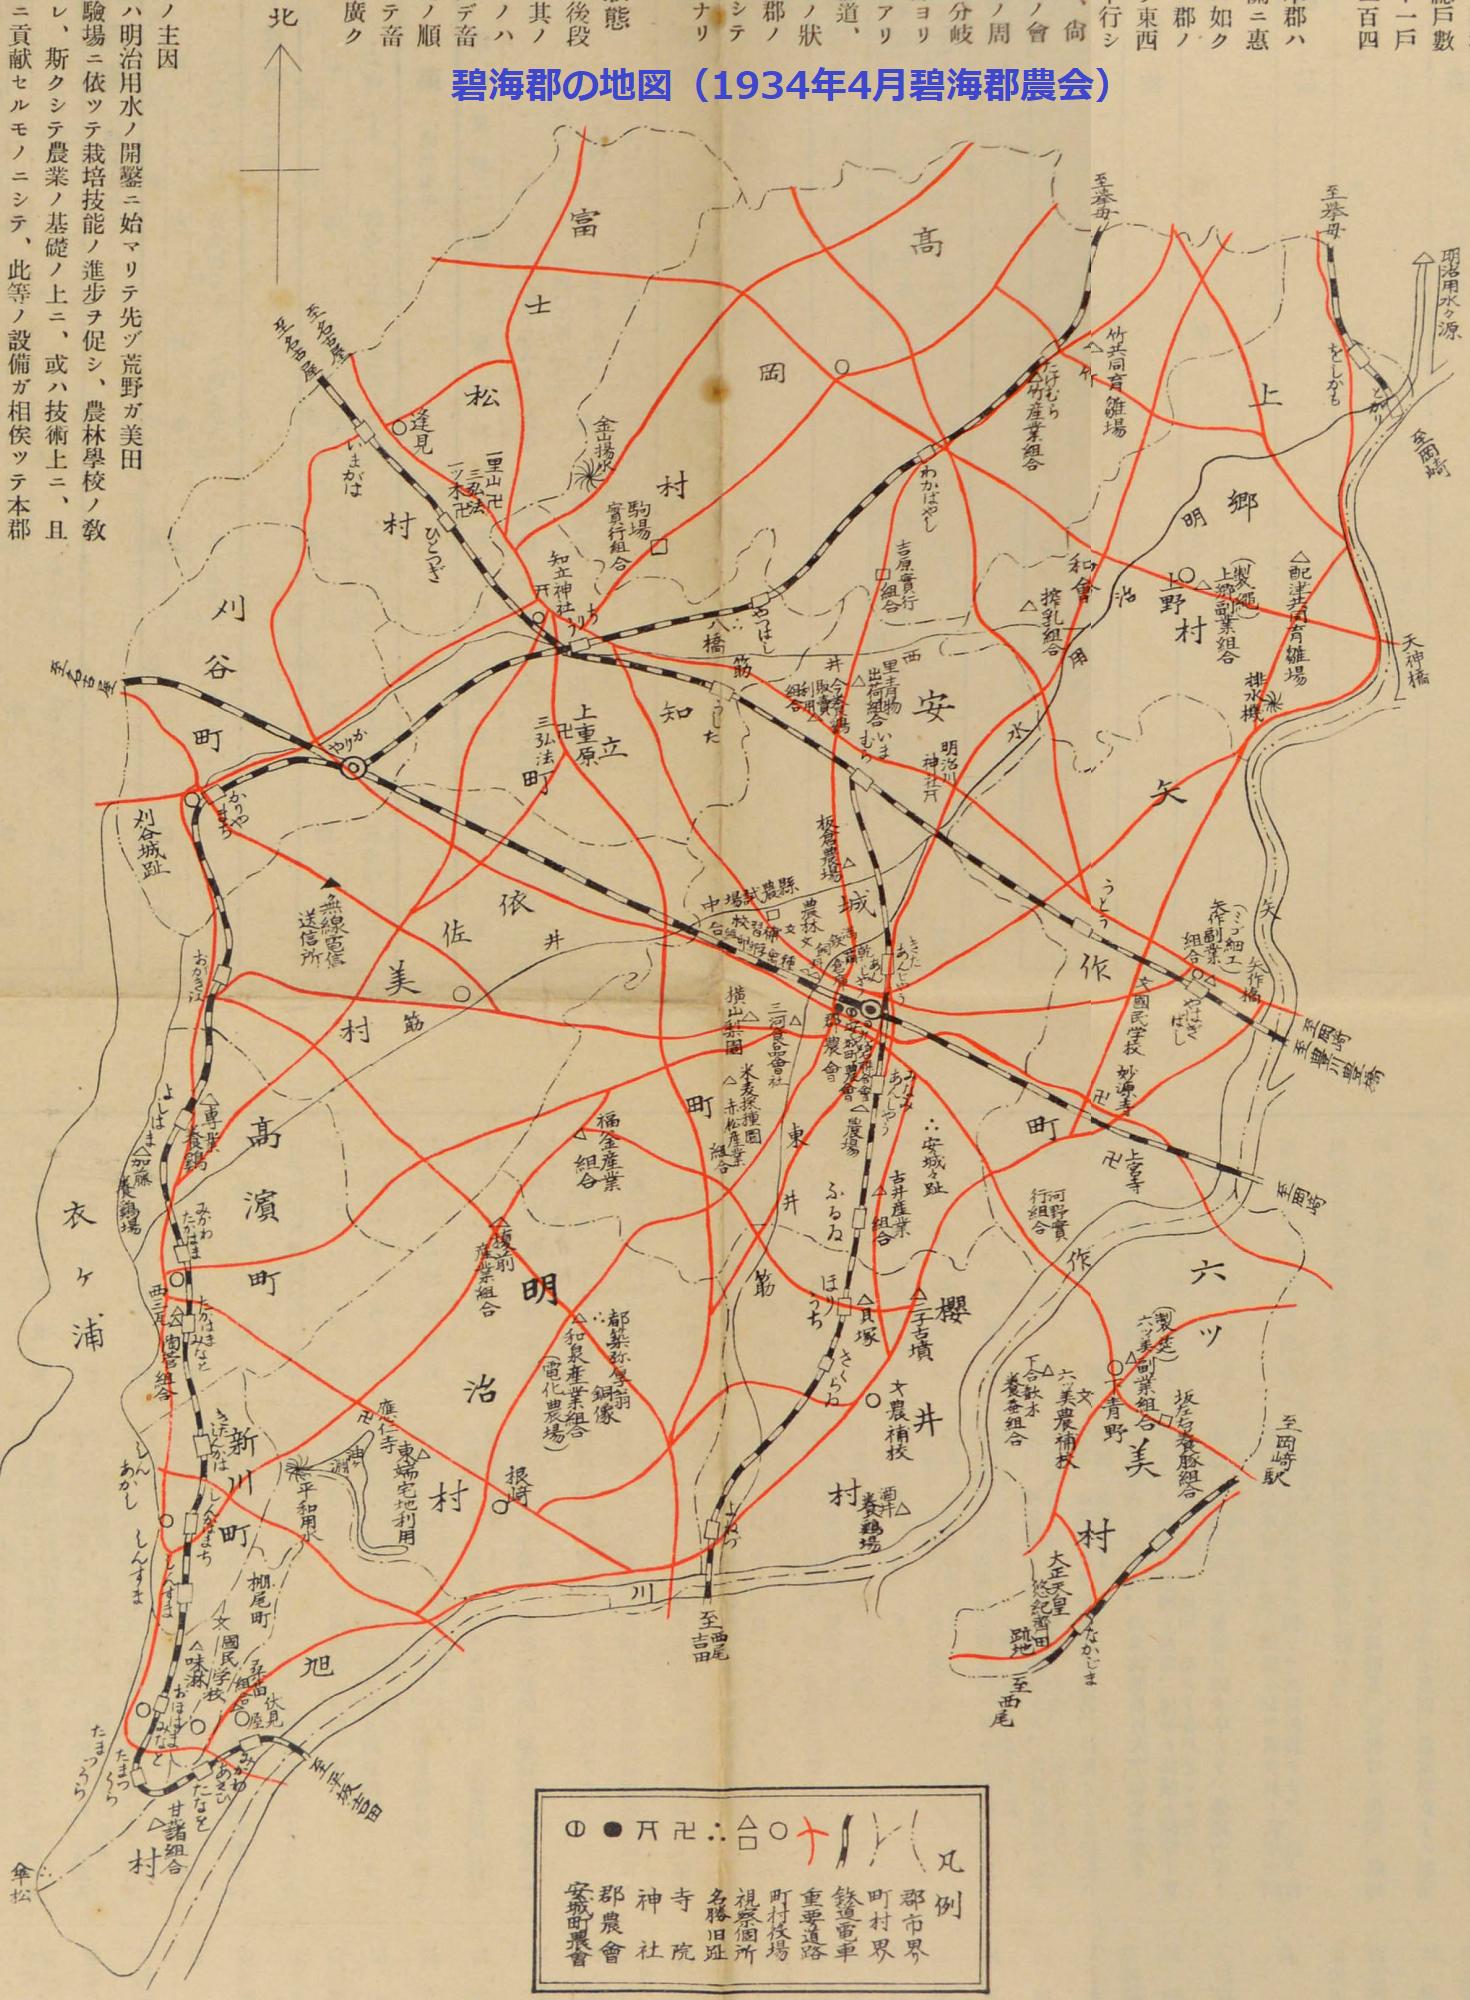 碧海郡の地図(1934年4月碧海郡農会) 1470-2000